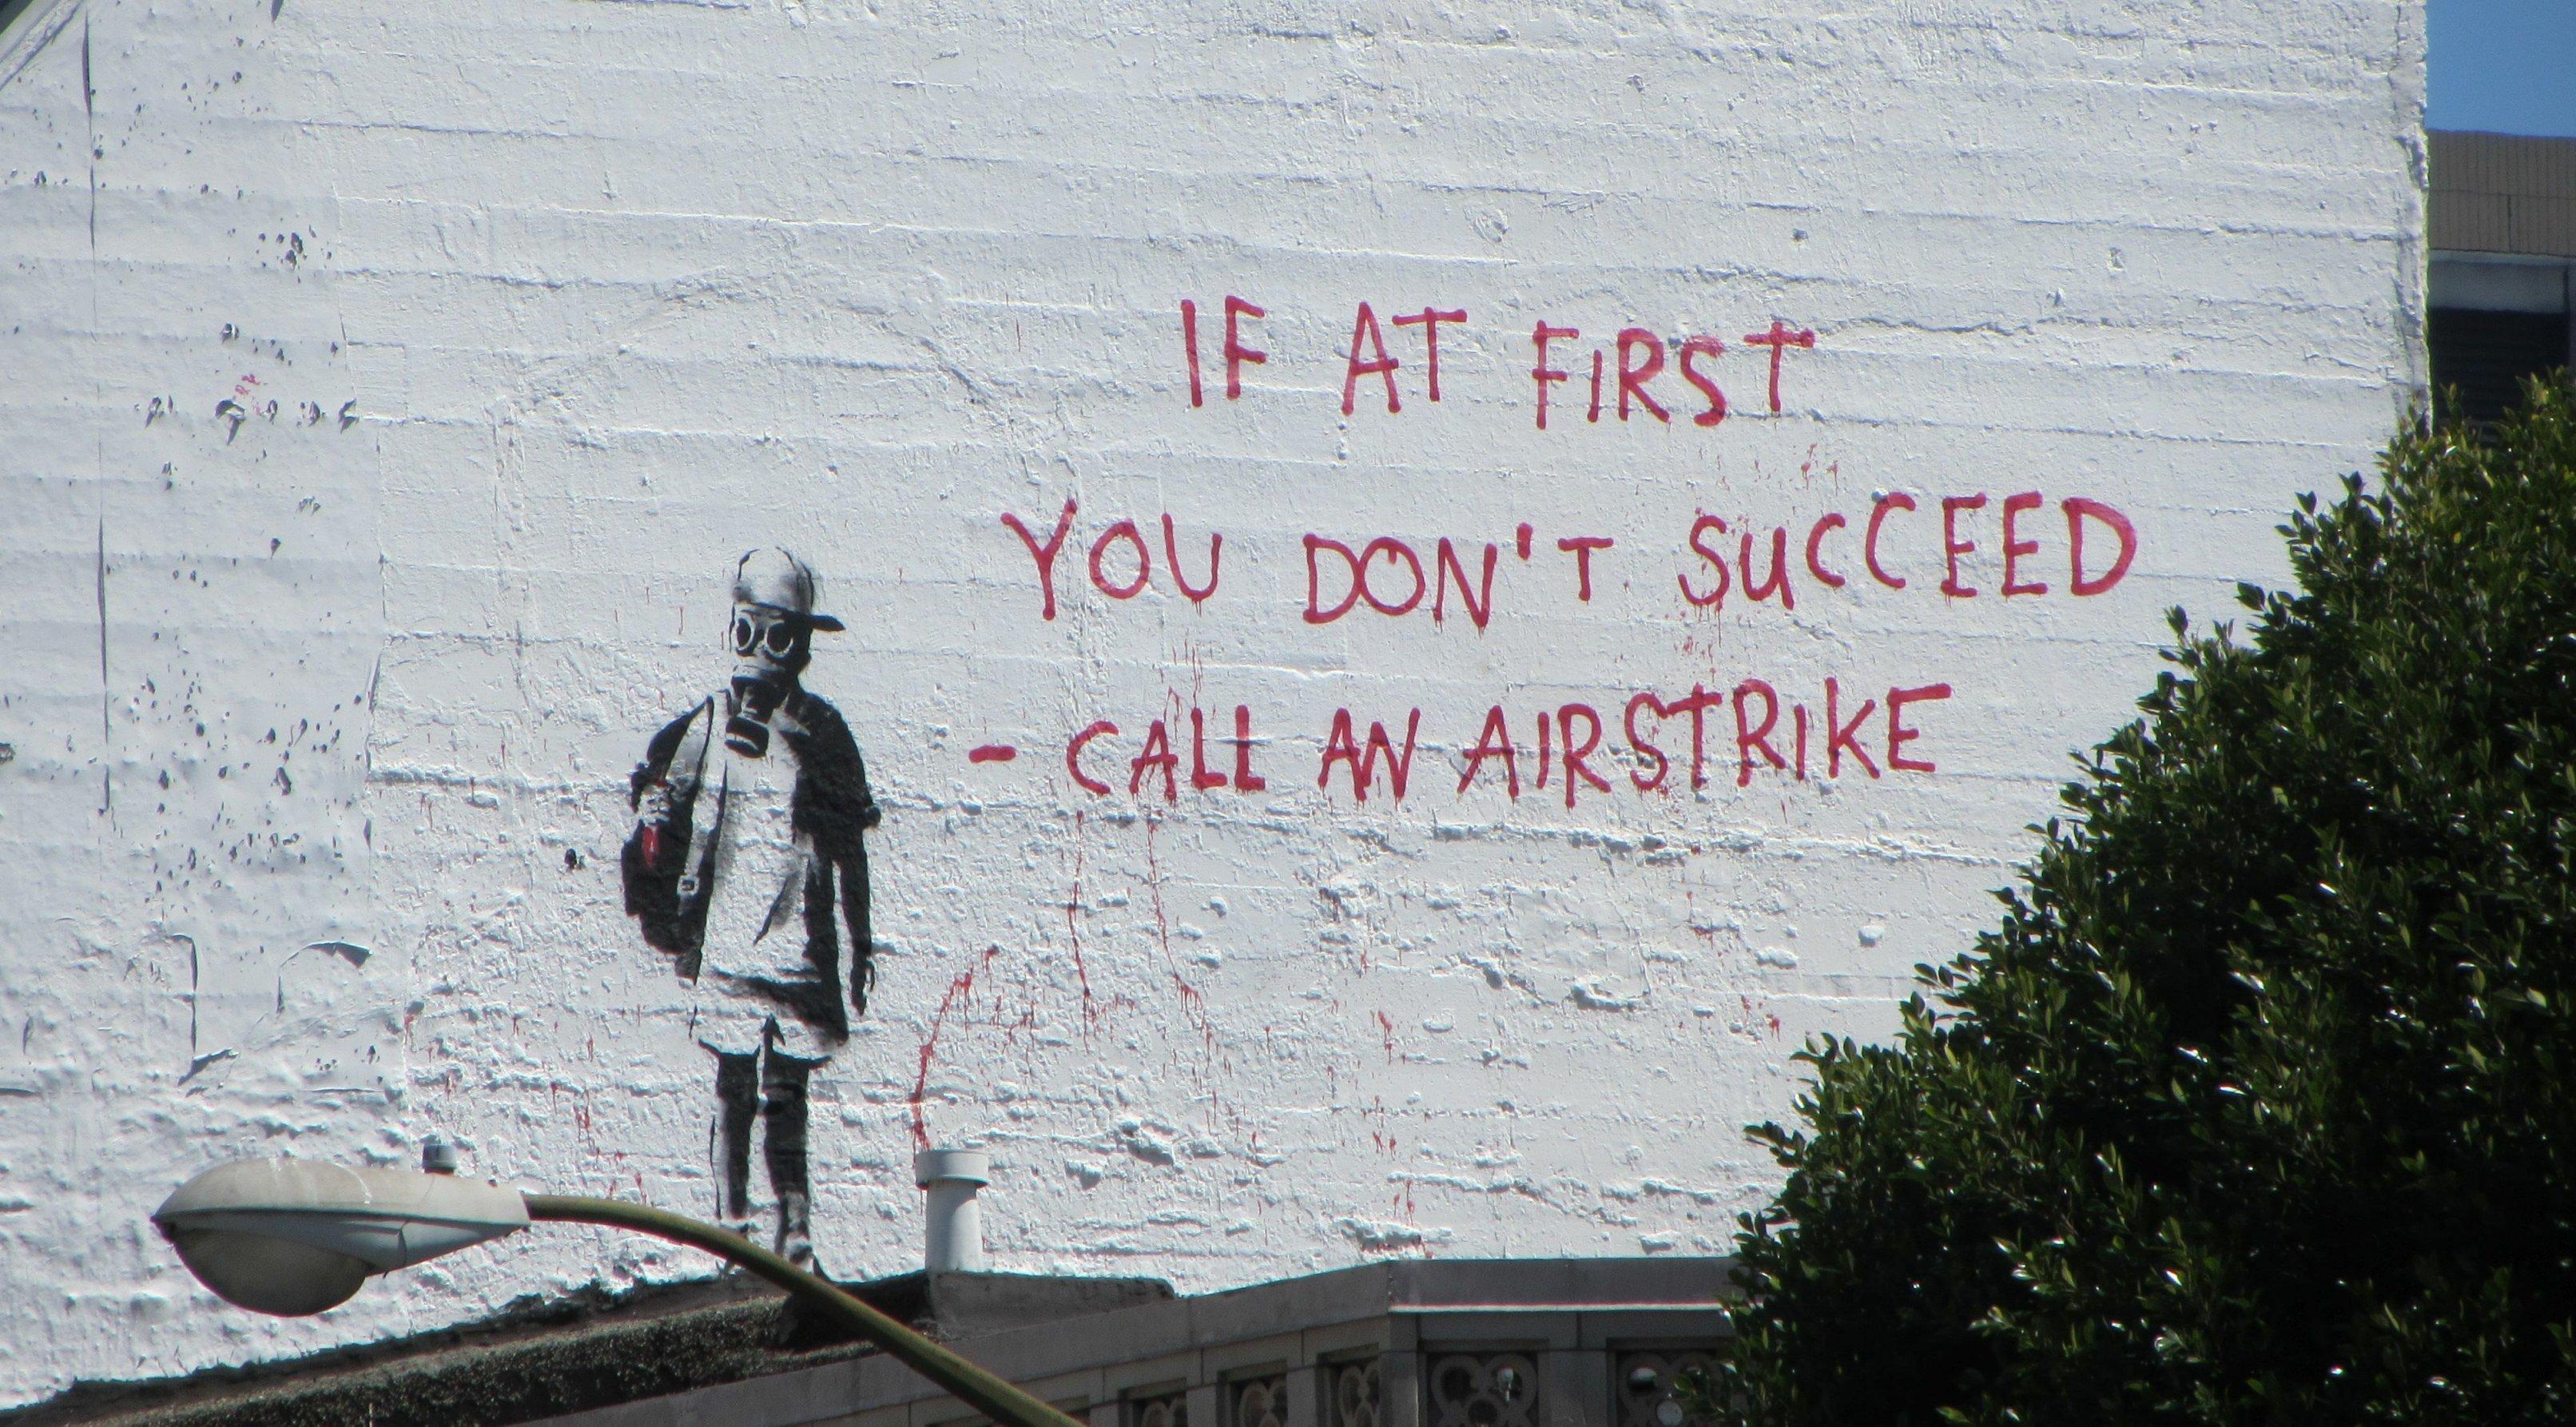 """Auf einer Wand ist eine Figur mit Gasmaske gemalt. Daneben der Spruch: """"If at first you don't succeed, call an airstrike."""""""